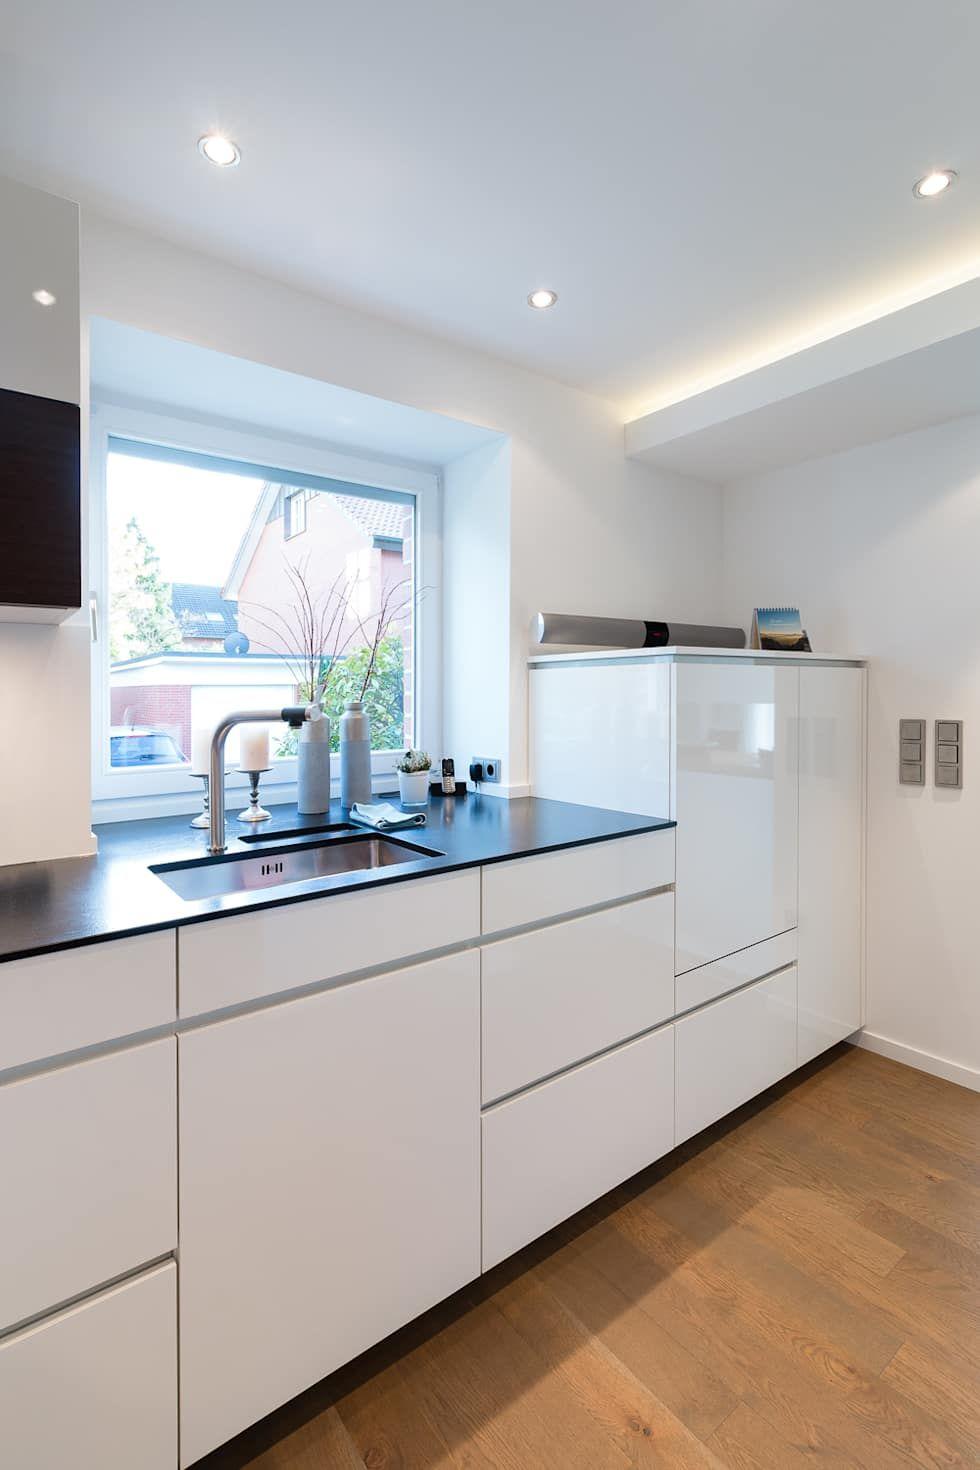 moderne küche bilder: wohnküche nach maß in borken, Hause deko